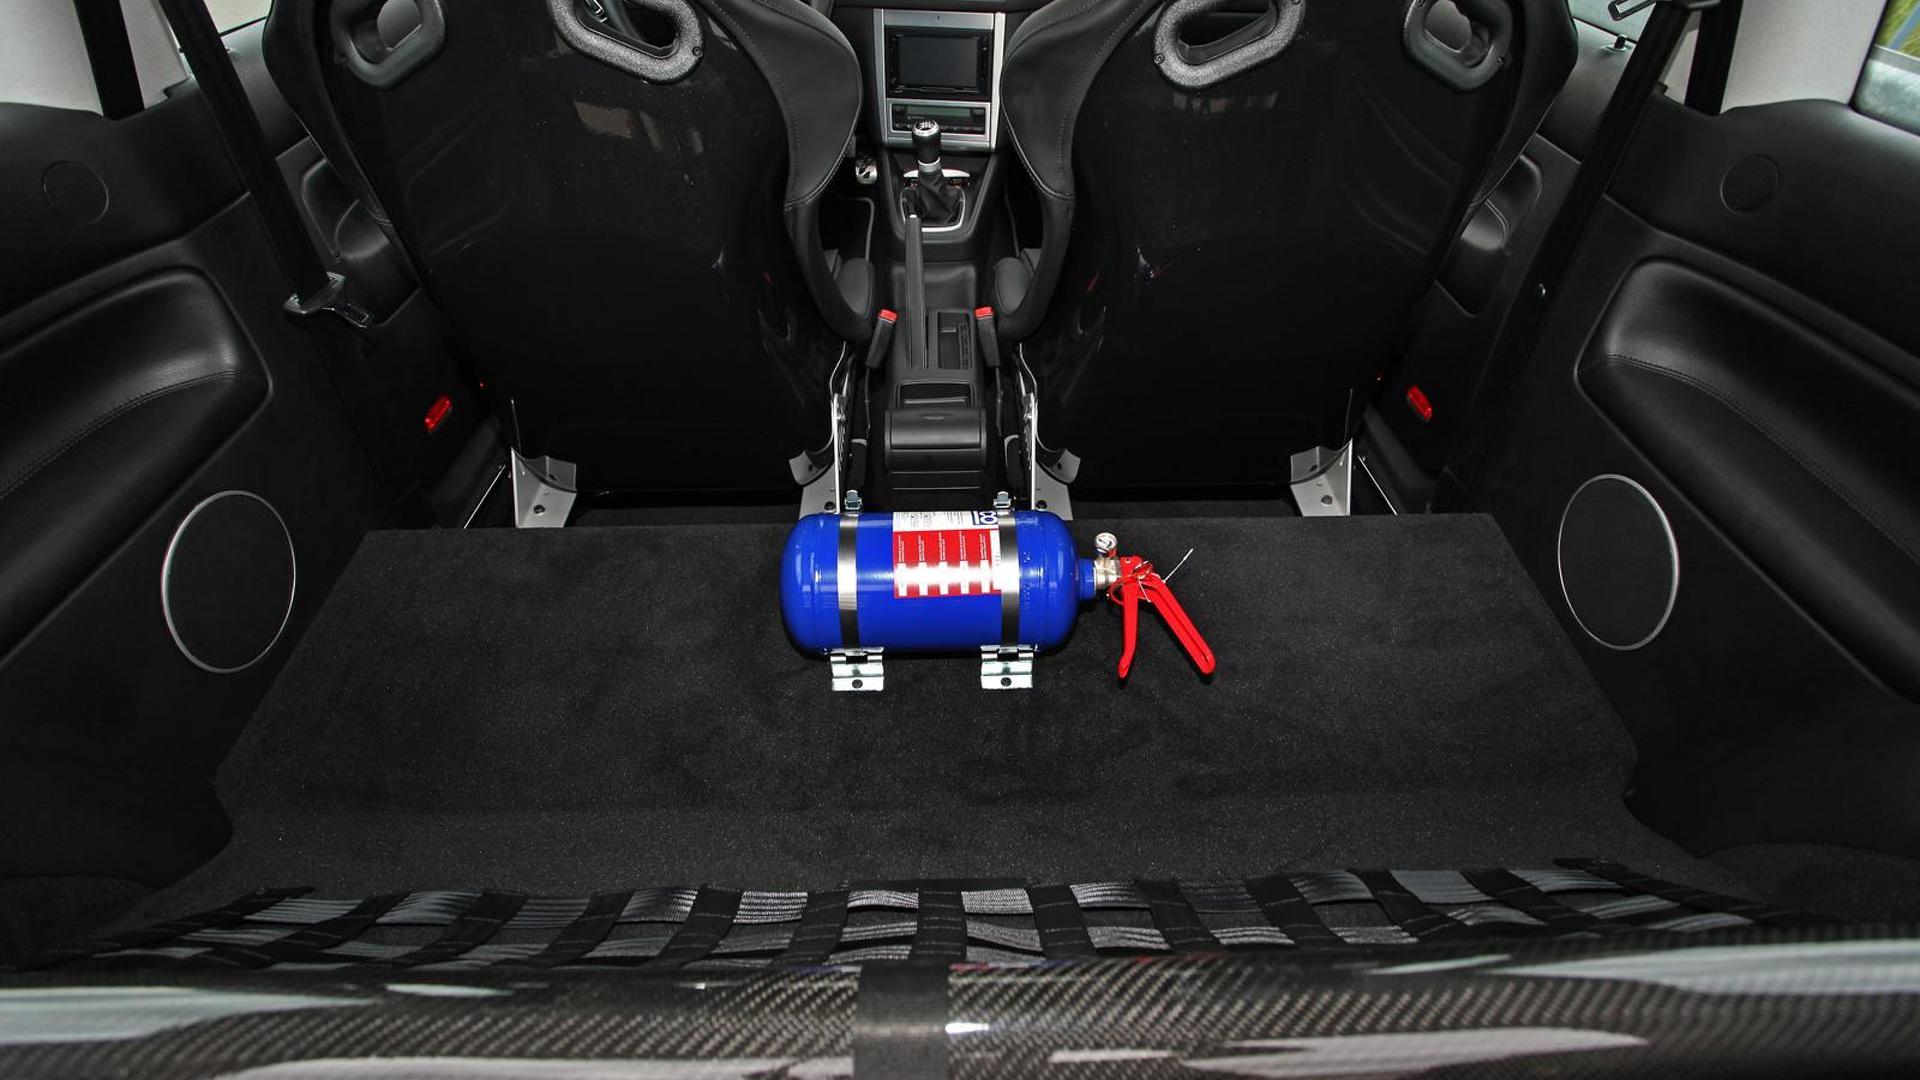 Баллон с закисью азота в салоне VW Golf IV R32